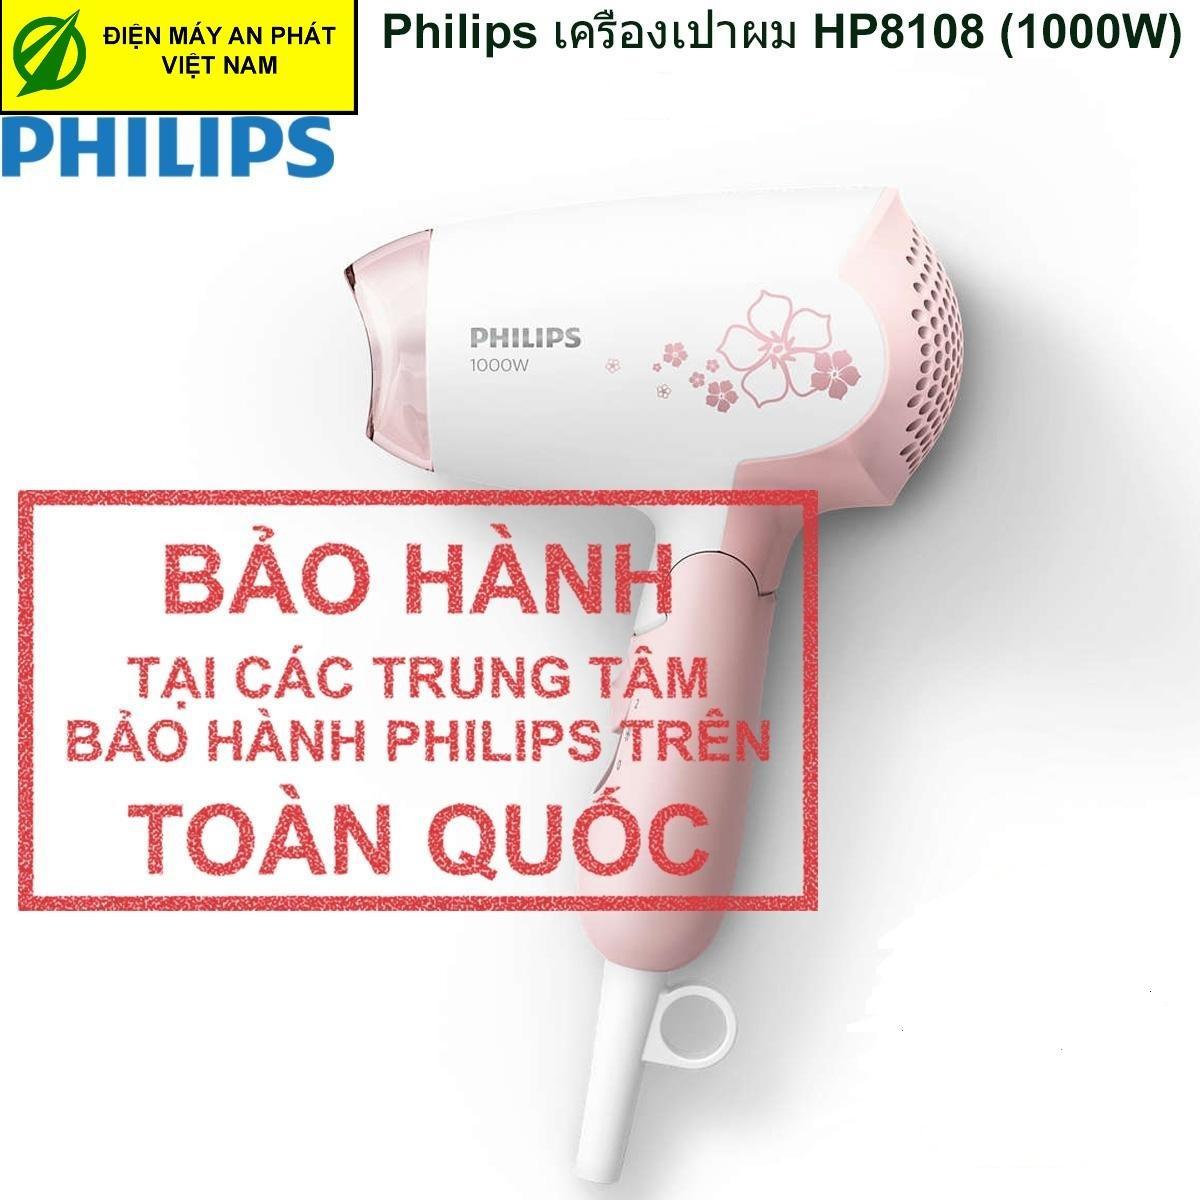 Máy sấy tóc Philips HP8108 - Hàng Công ty (Bảo hành 2 năm trên toàn quốc)